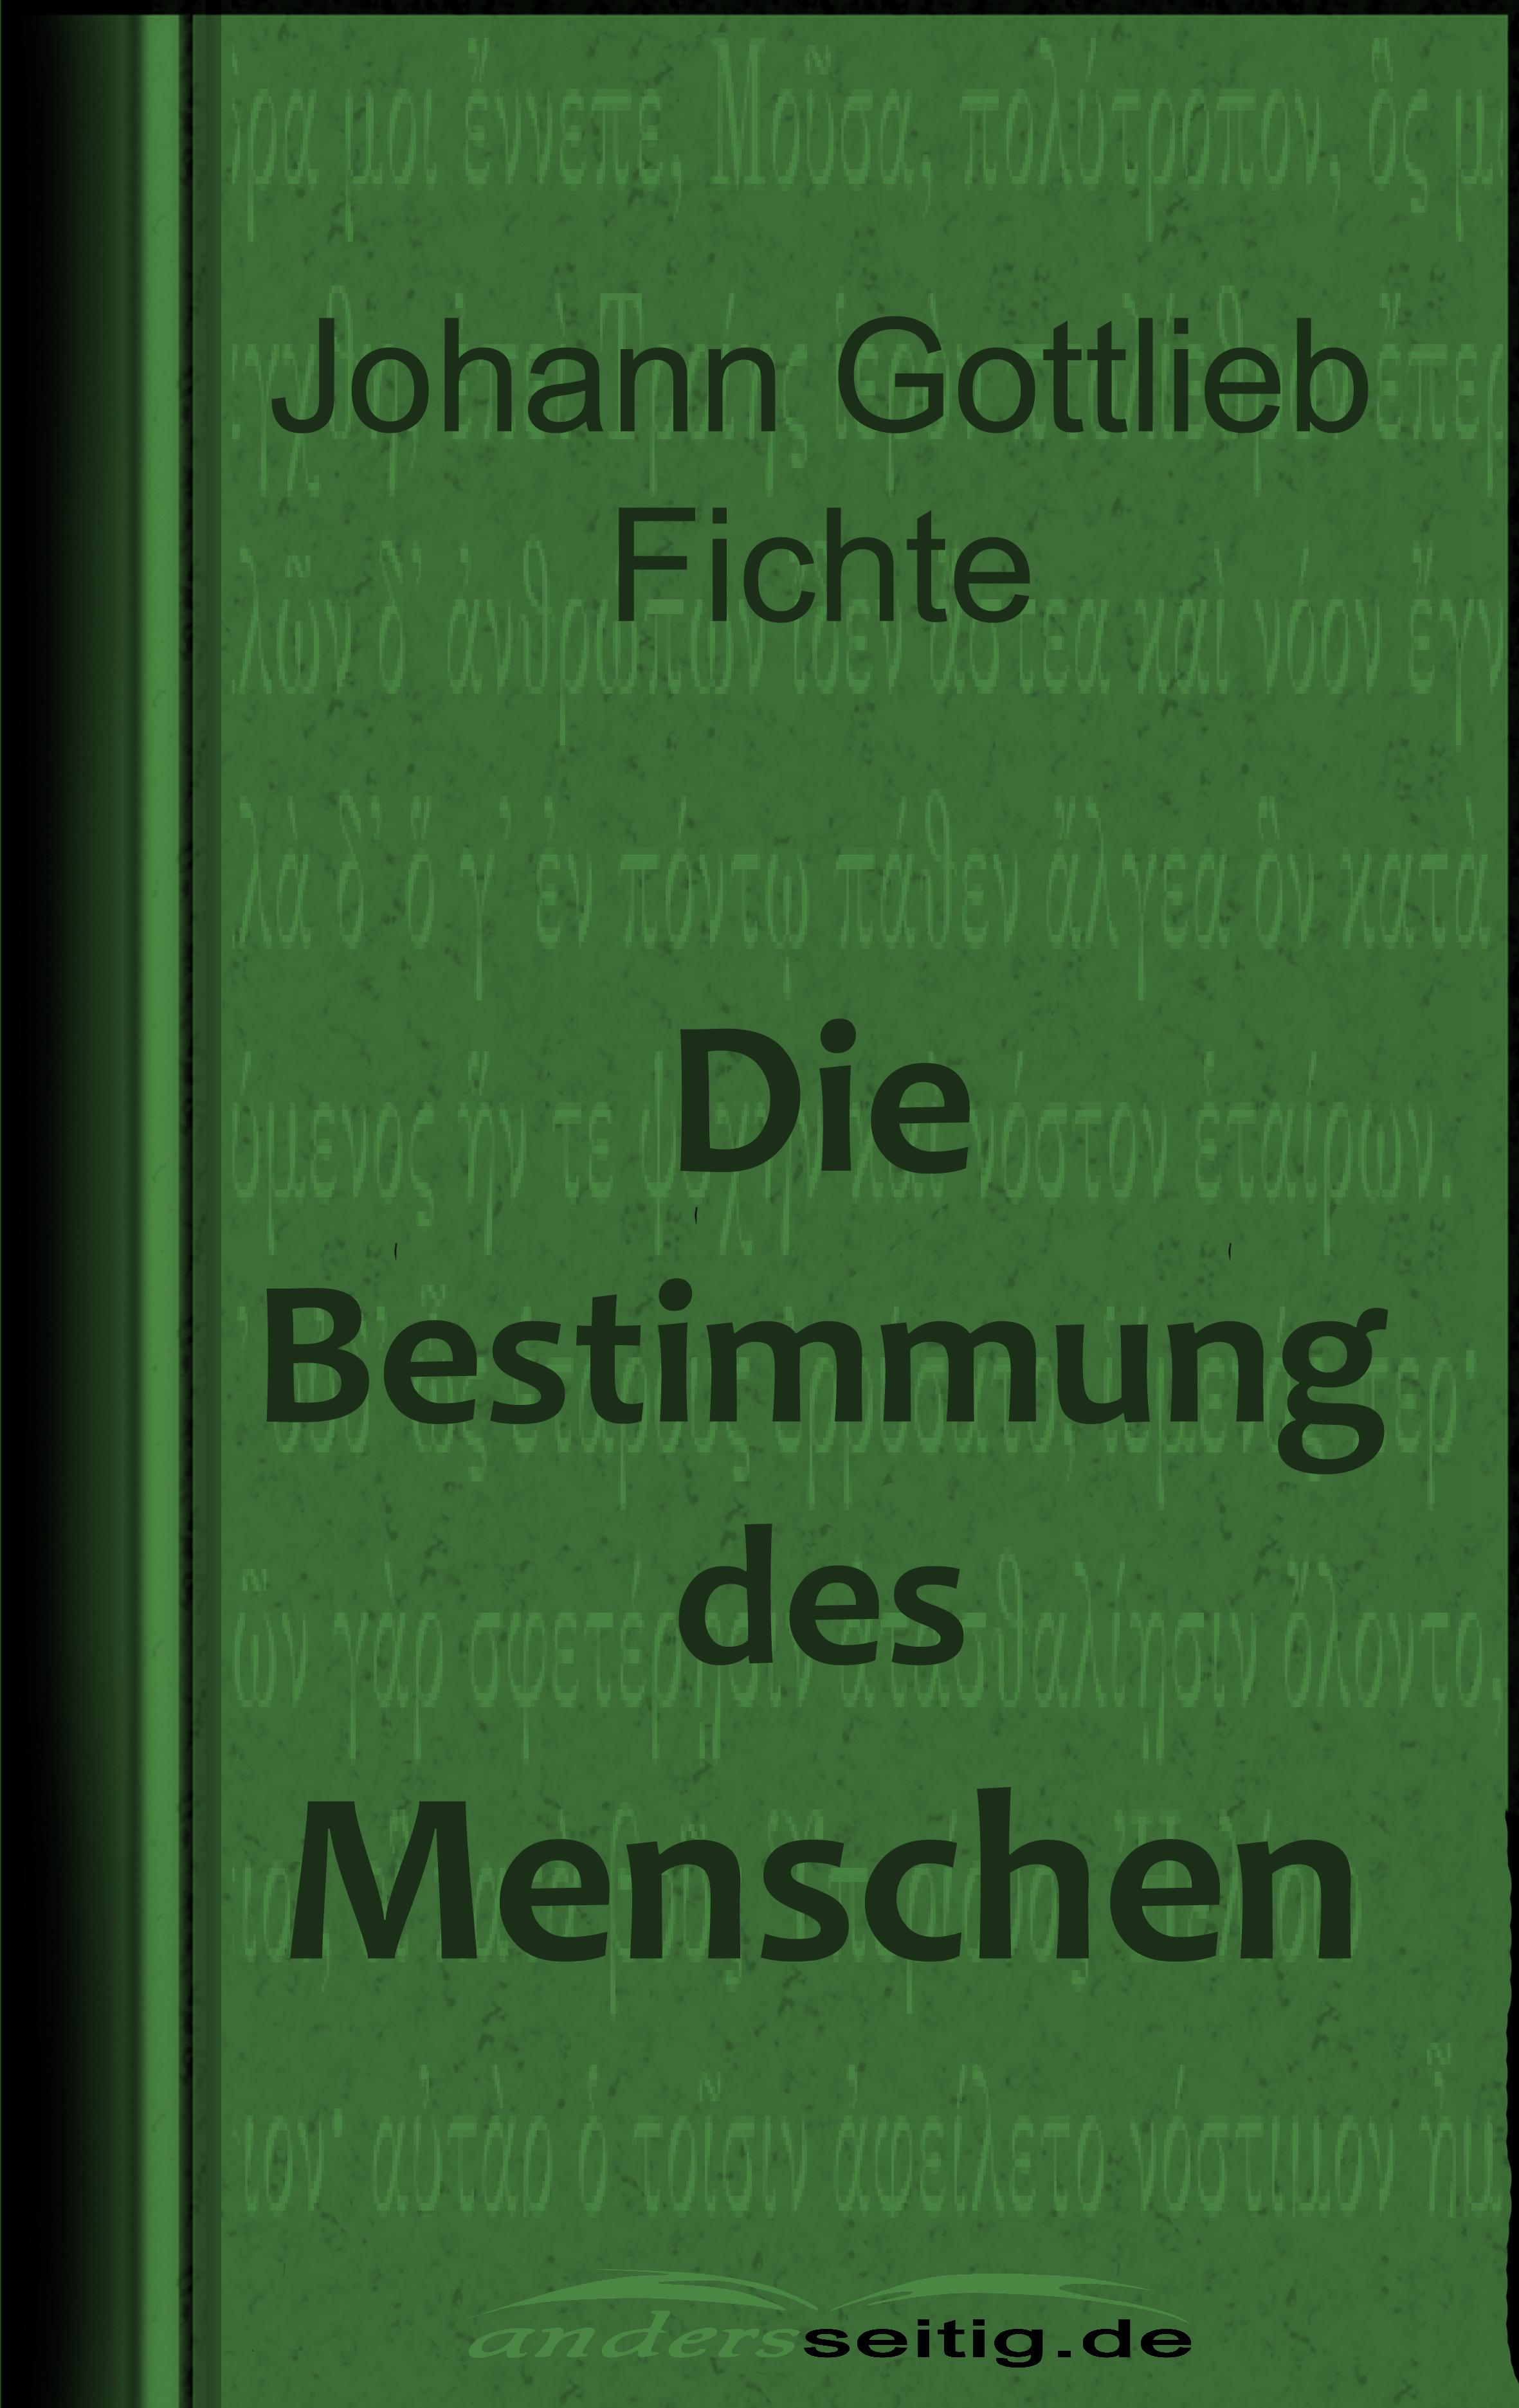 Johann Gottlieb Fichte Die Bestimmung des Menschen johann gottlieb fichte julius moritz weinhold achtundvierzig briefe von johann gottlieb fichte und seinen verwandten